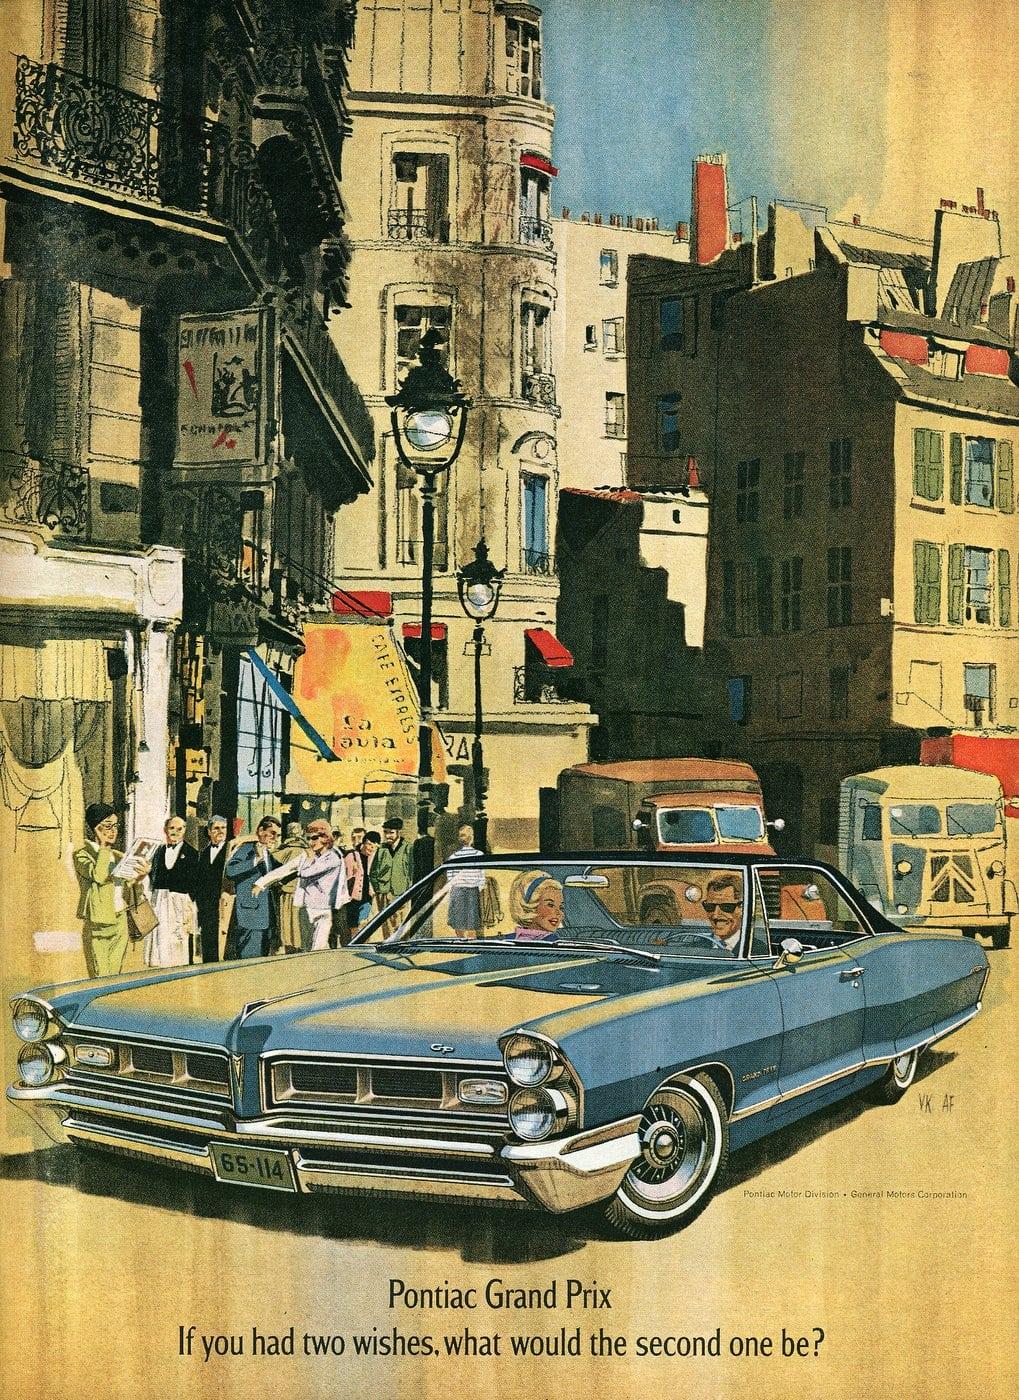 The 1965 Pontiac Grand Prix